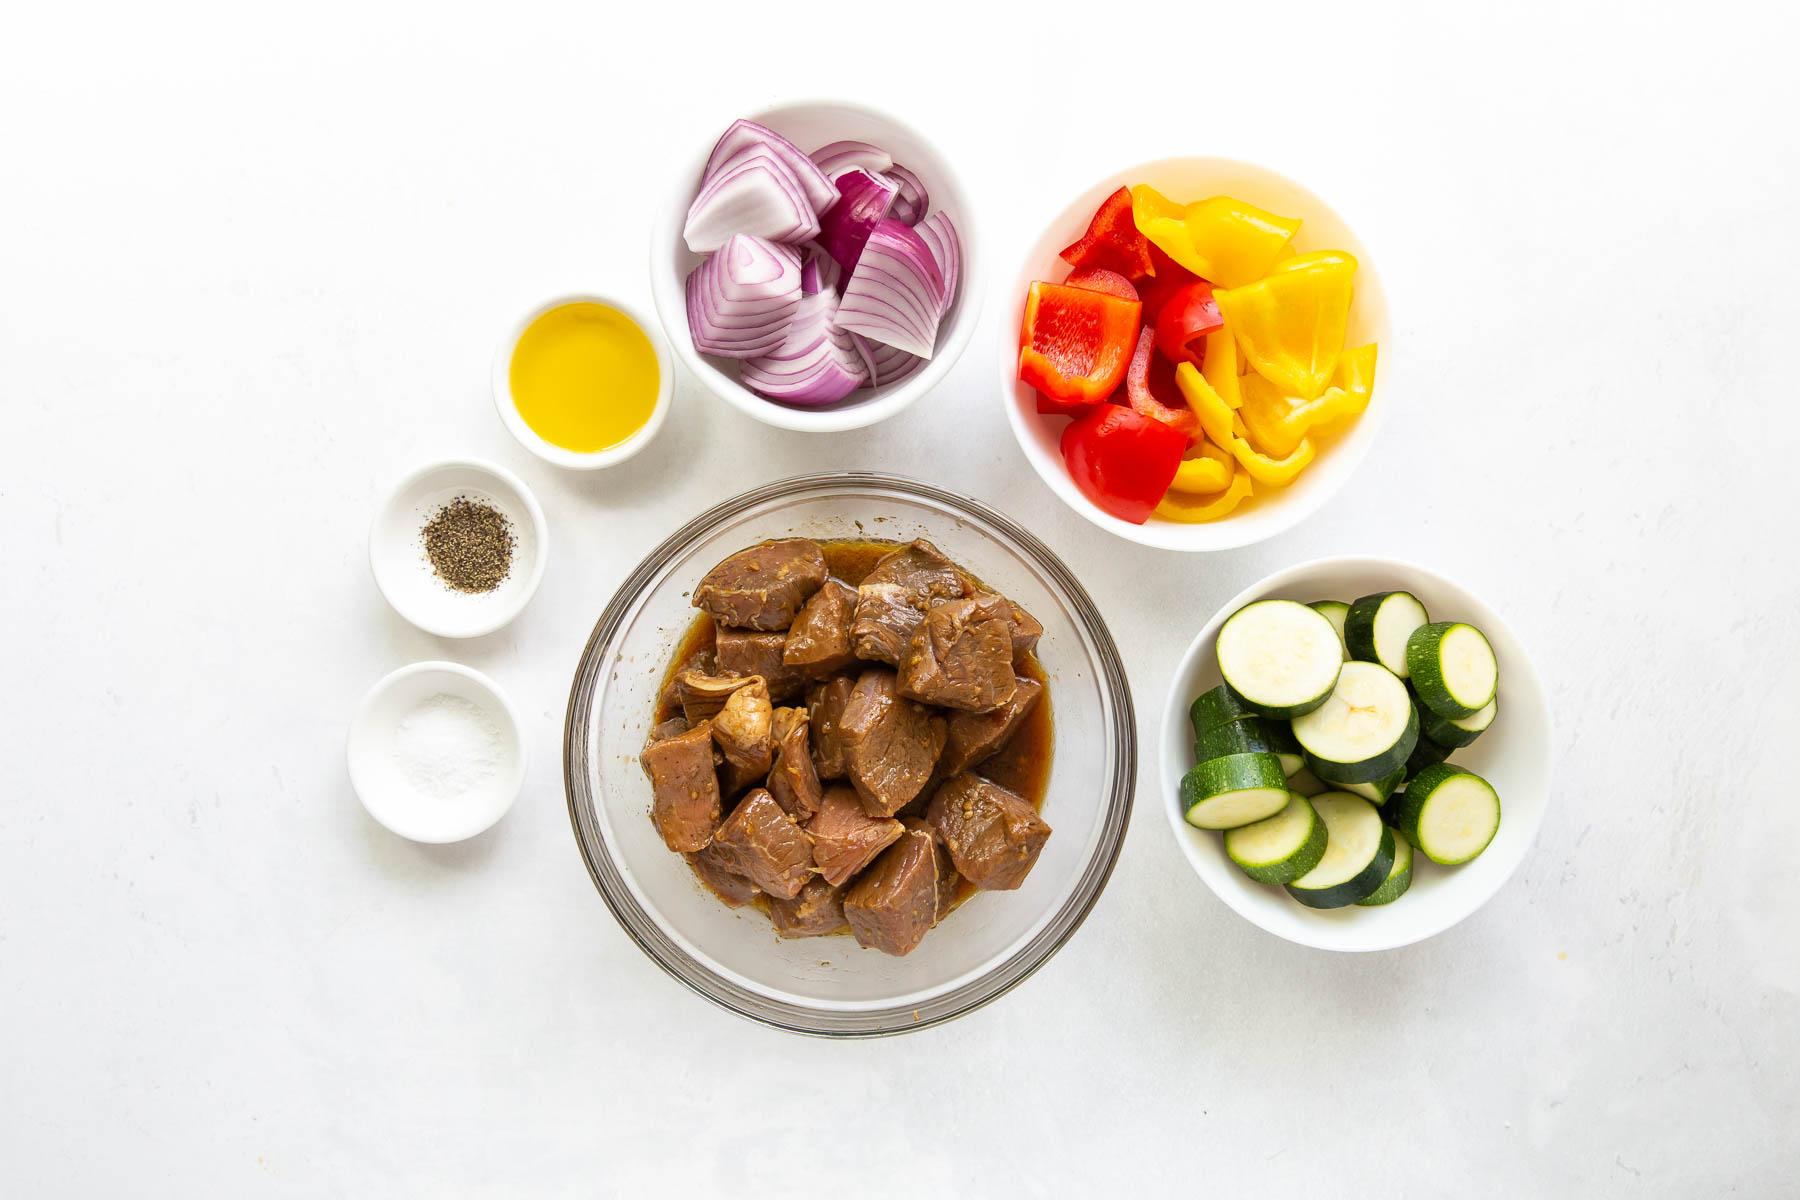 ingredients for steak kabob recipe